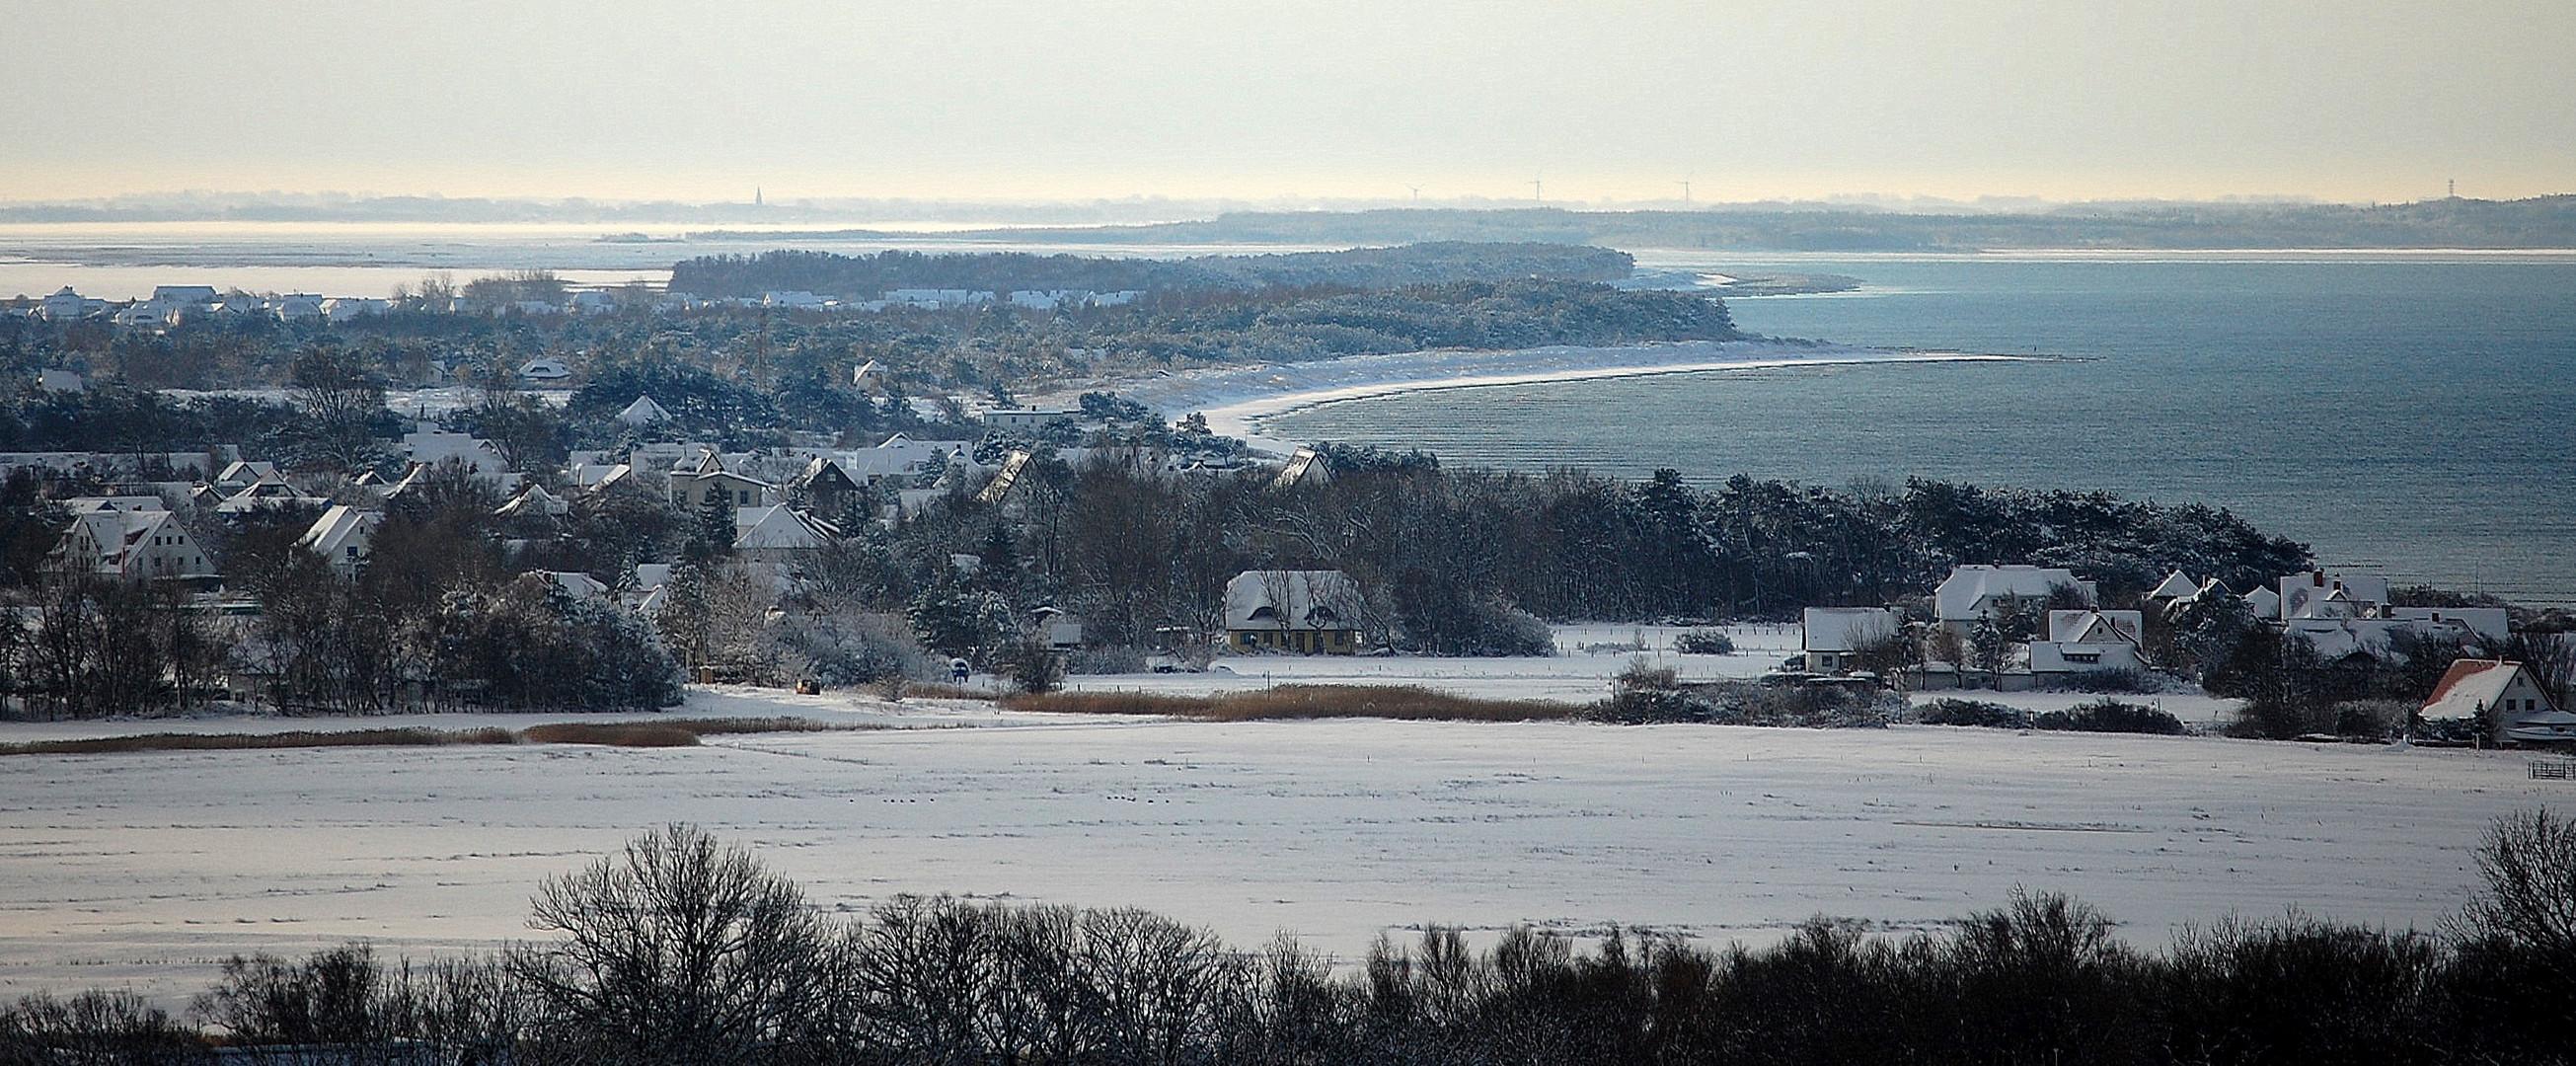 Inselblick von Insel Hiddensee im Winter